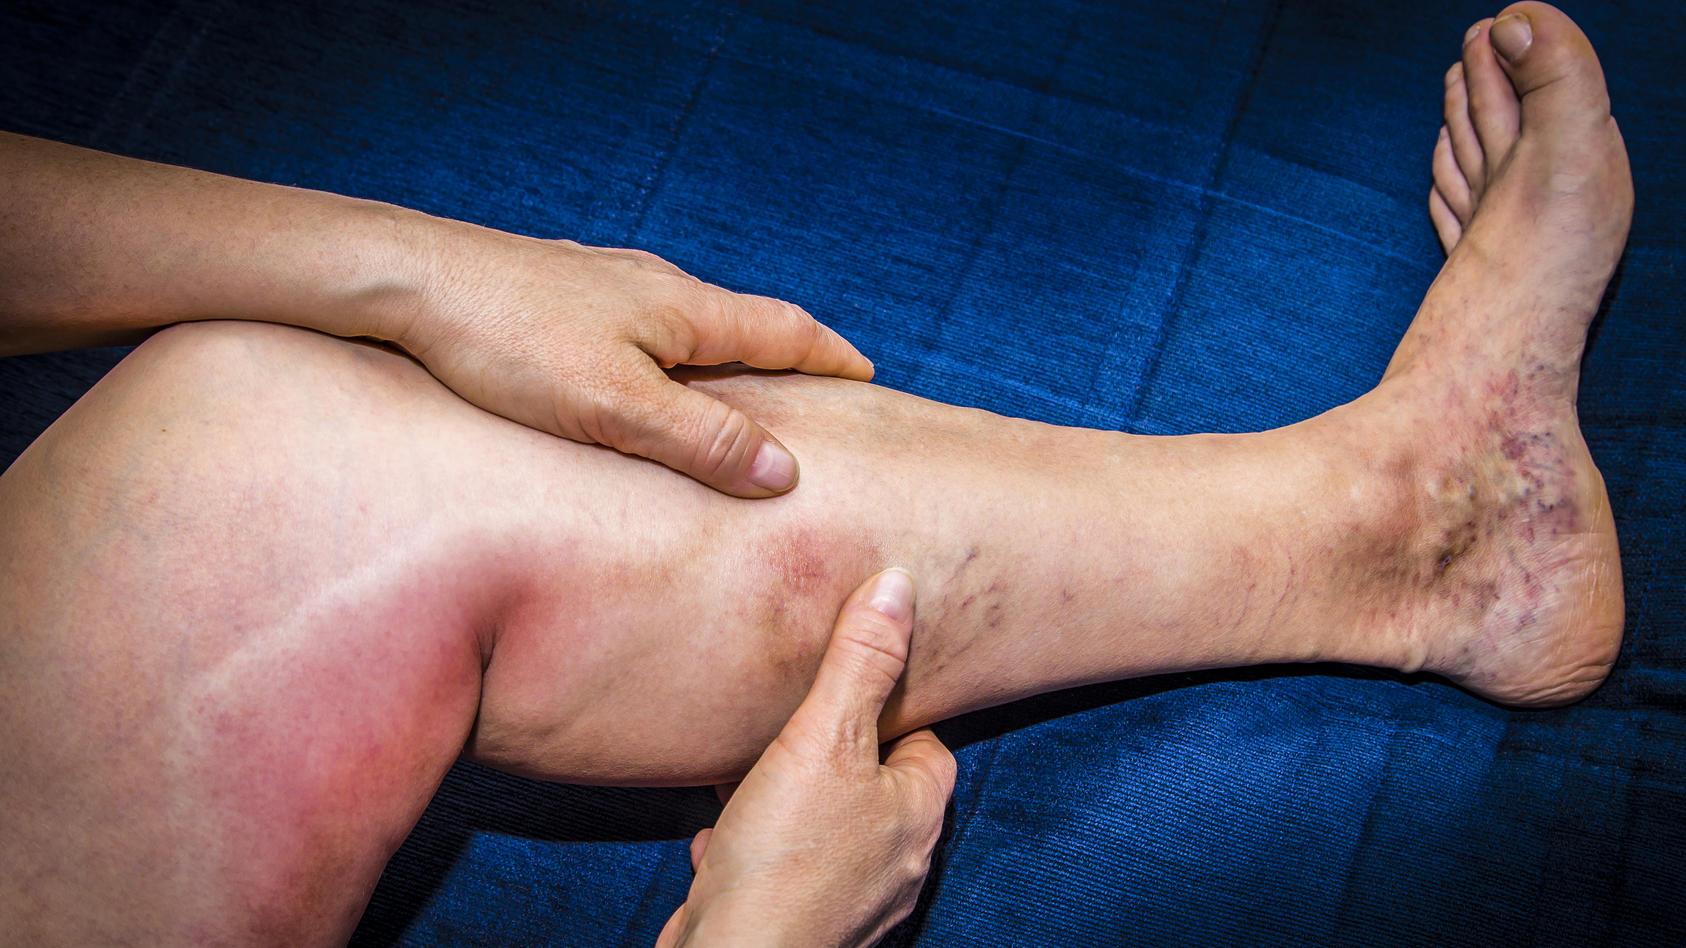 Eine Thrombophlebitis ist ein Blutgerinnsel im oberflächlichen Venensystem des Körpers – meist in den Beinen